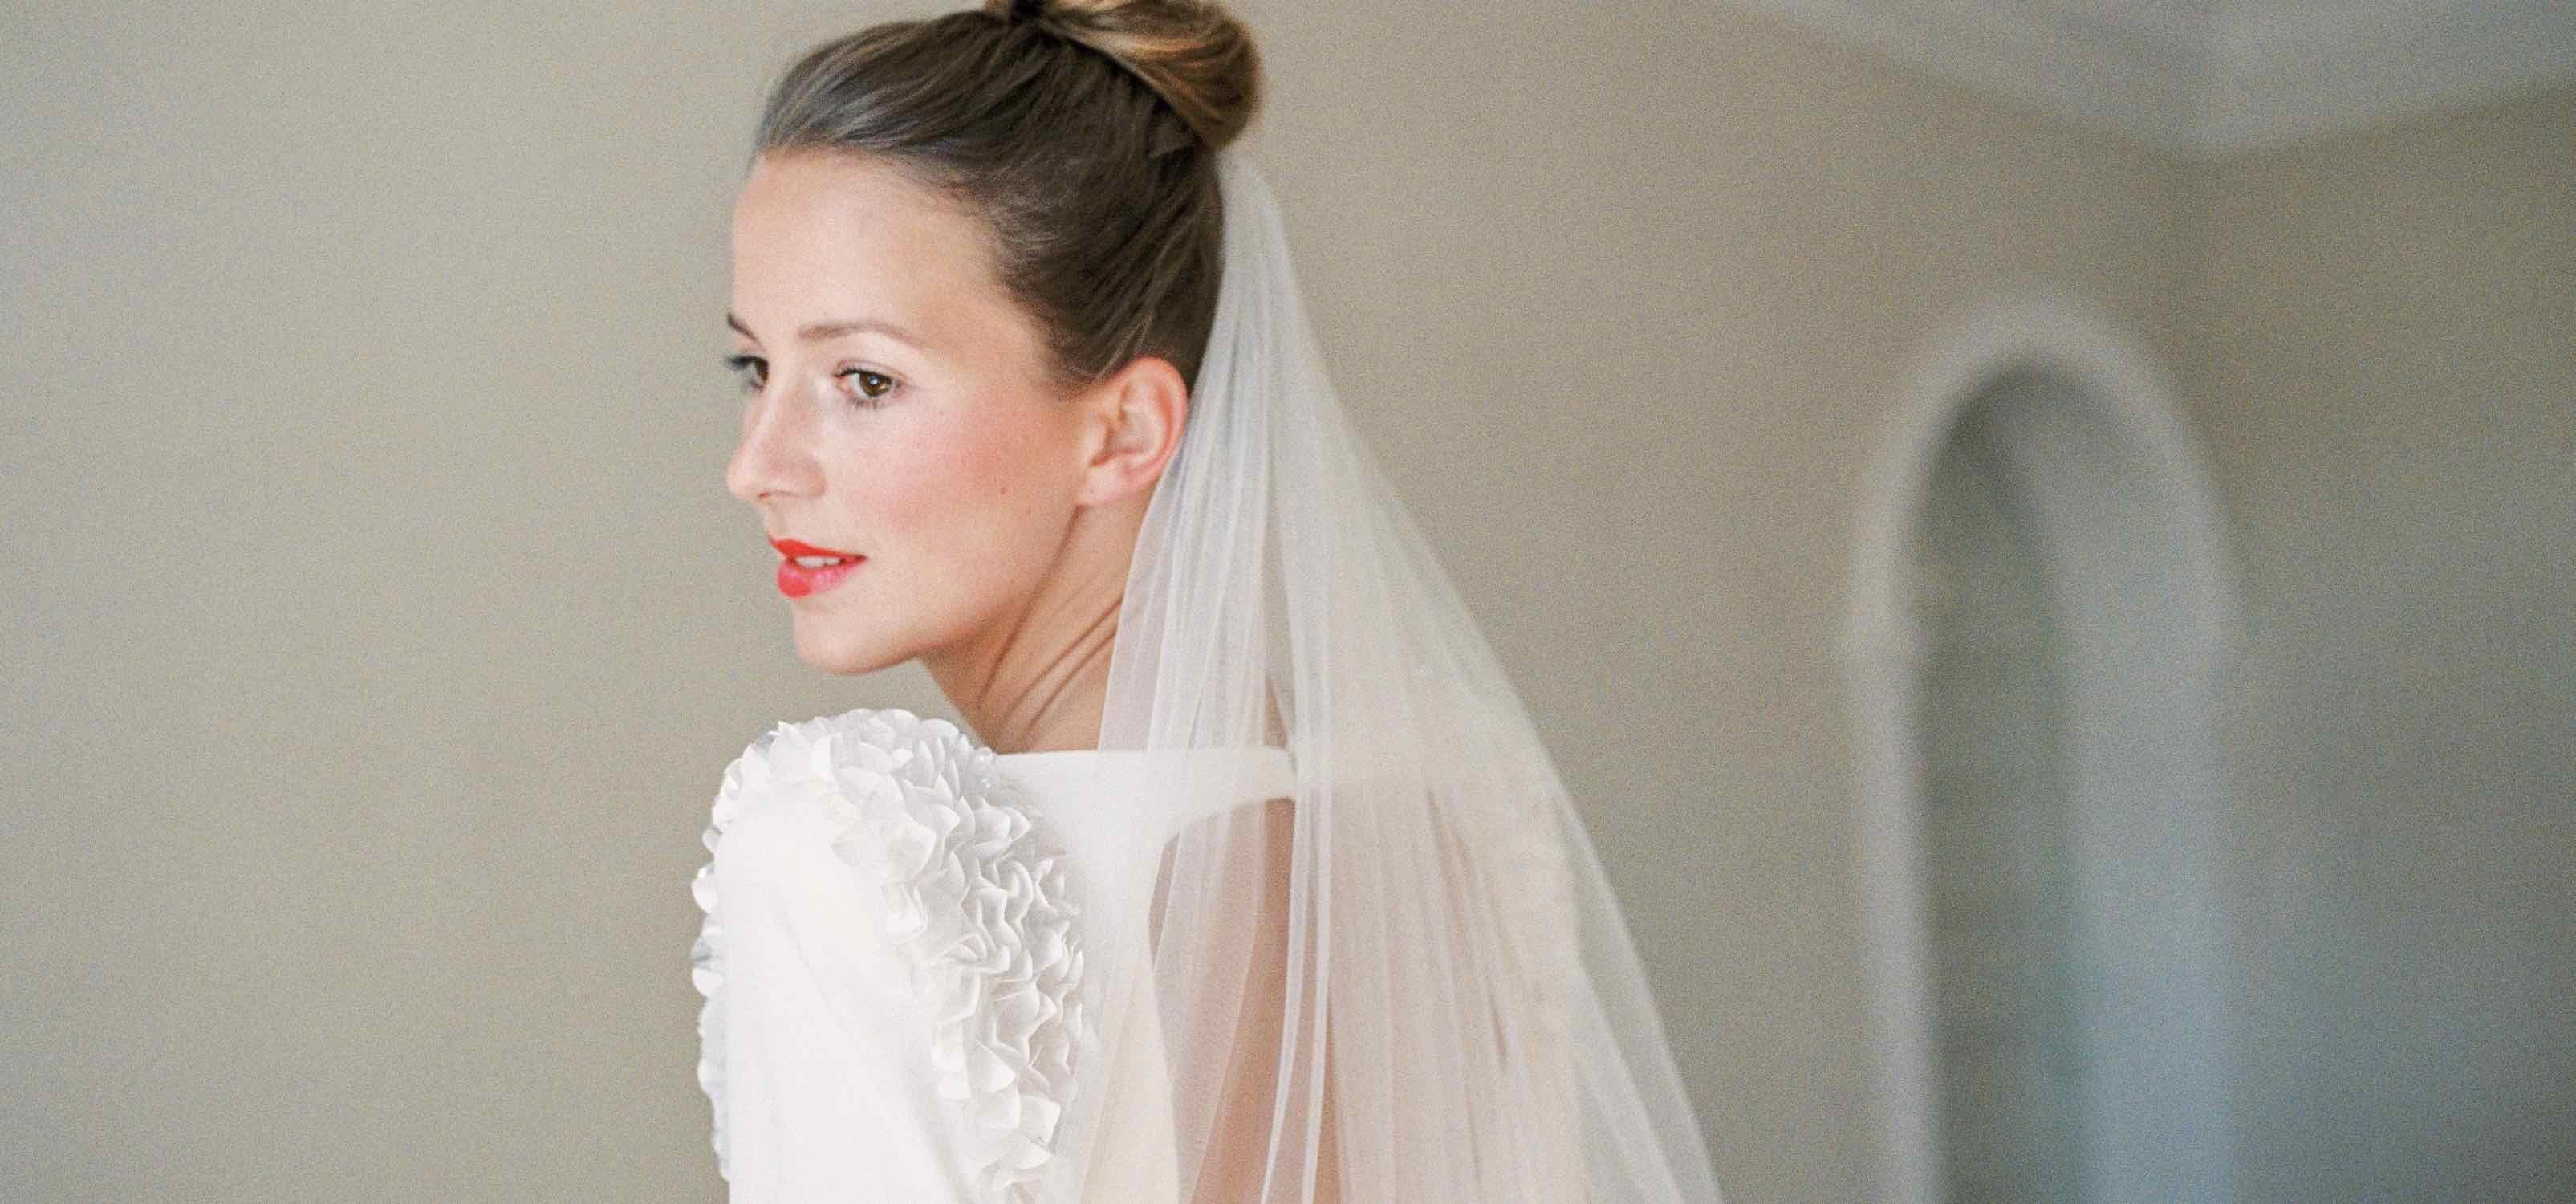 Brauthaarschmuck Brautfrisuren Brautschleier - Finde dein perfektes Haar Accessoire - bellejulie.de